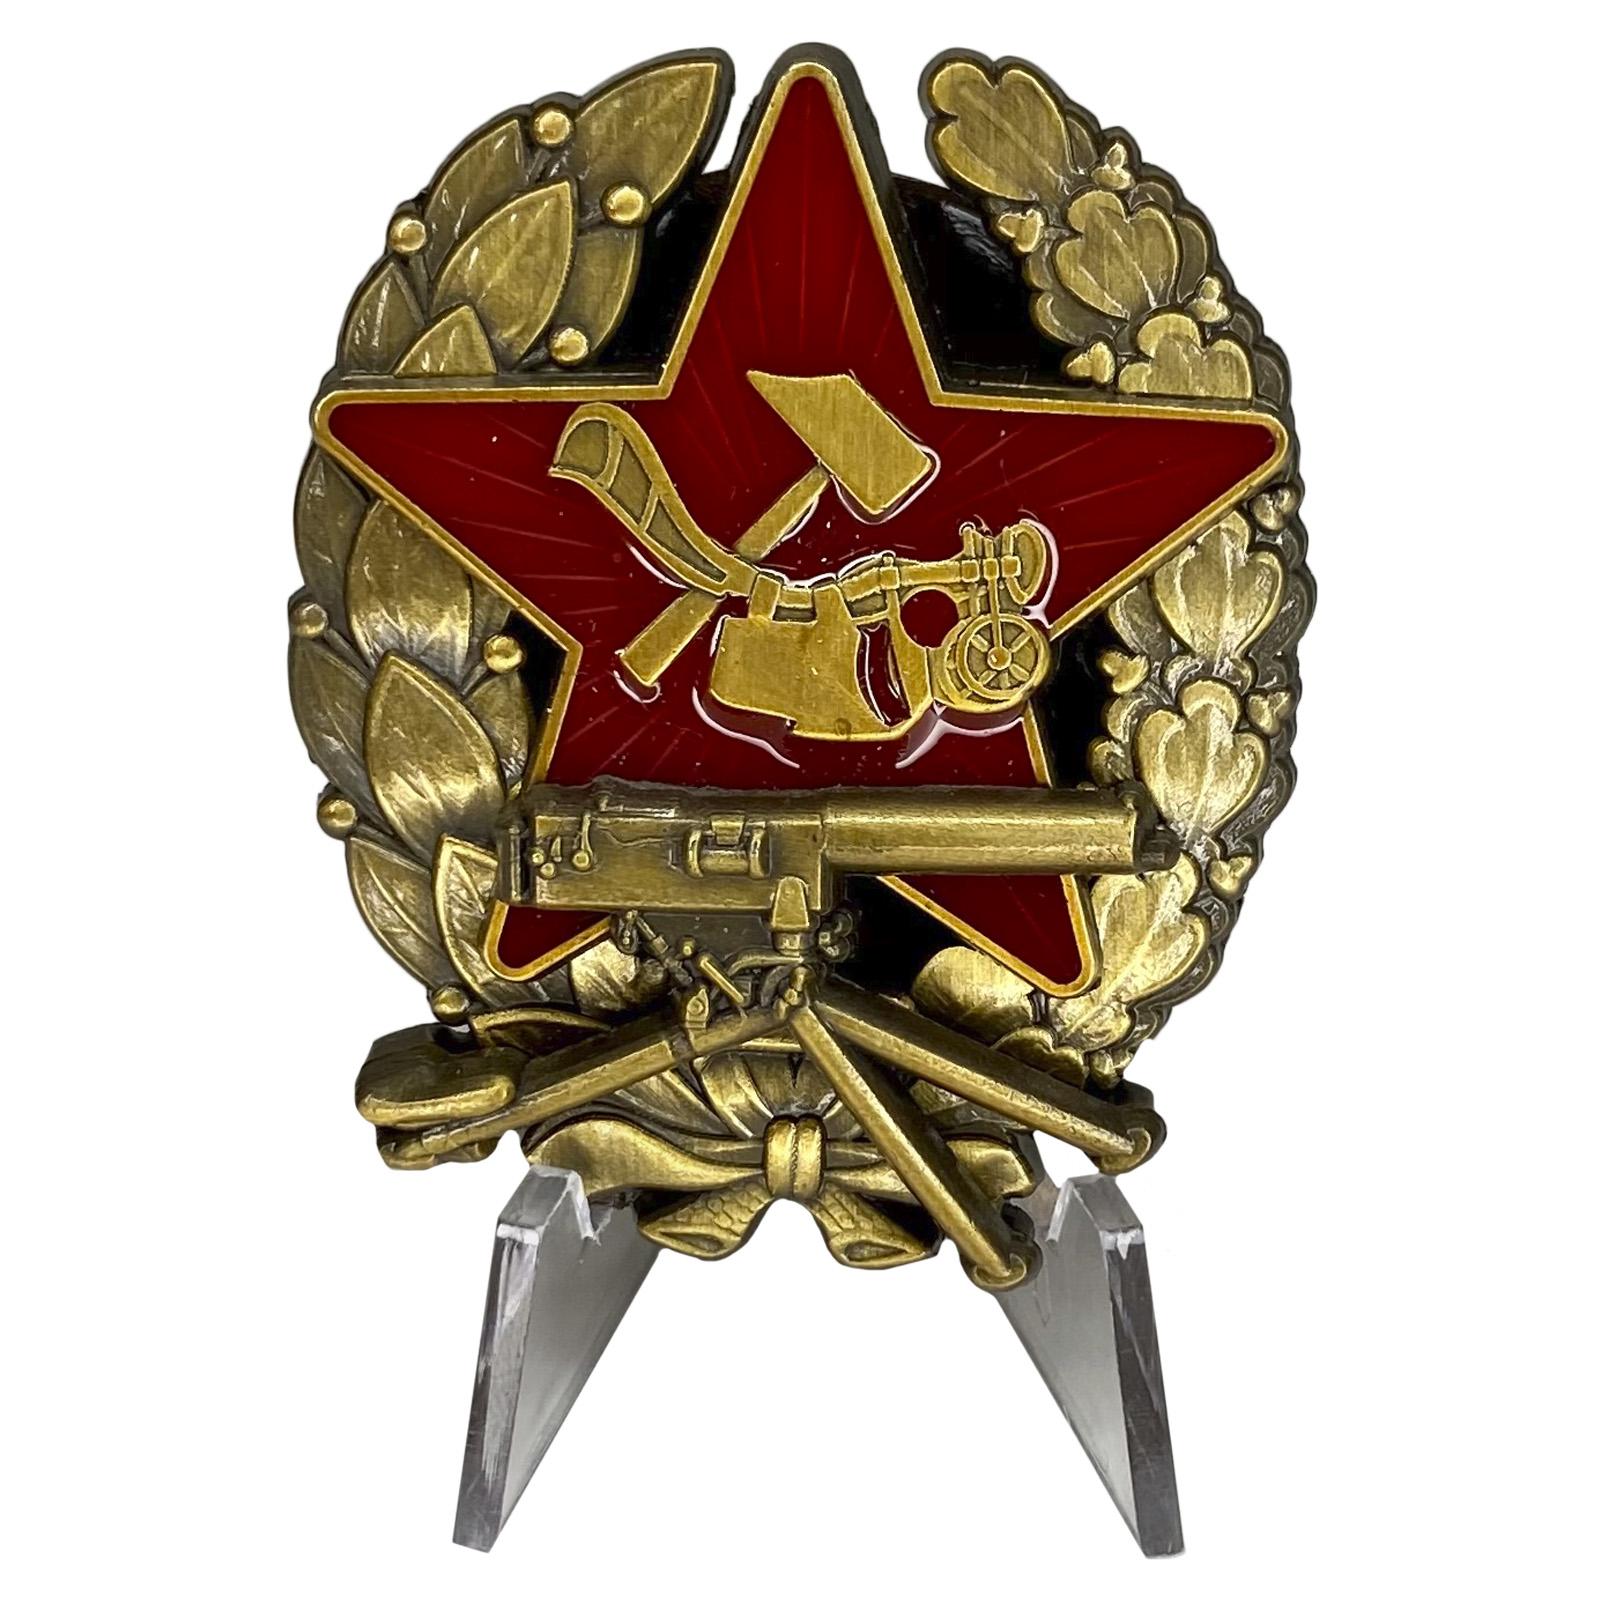 Знак Красного командира пулемётных частей (1918-1922 гг.) на подставке